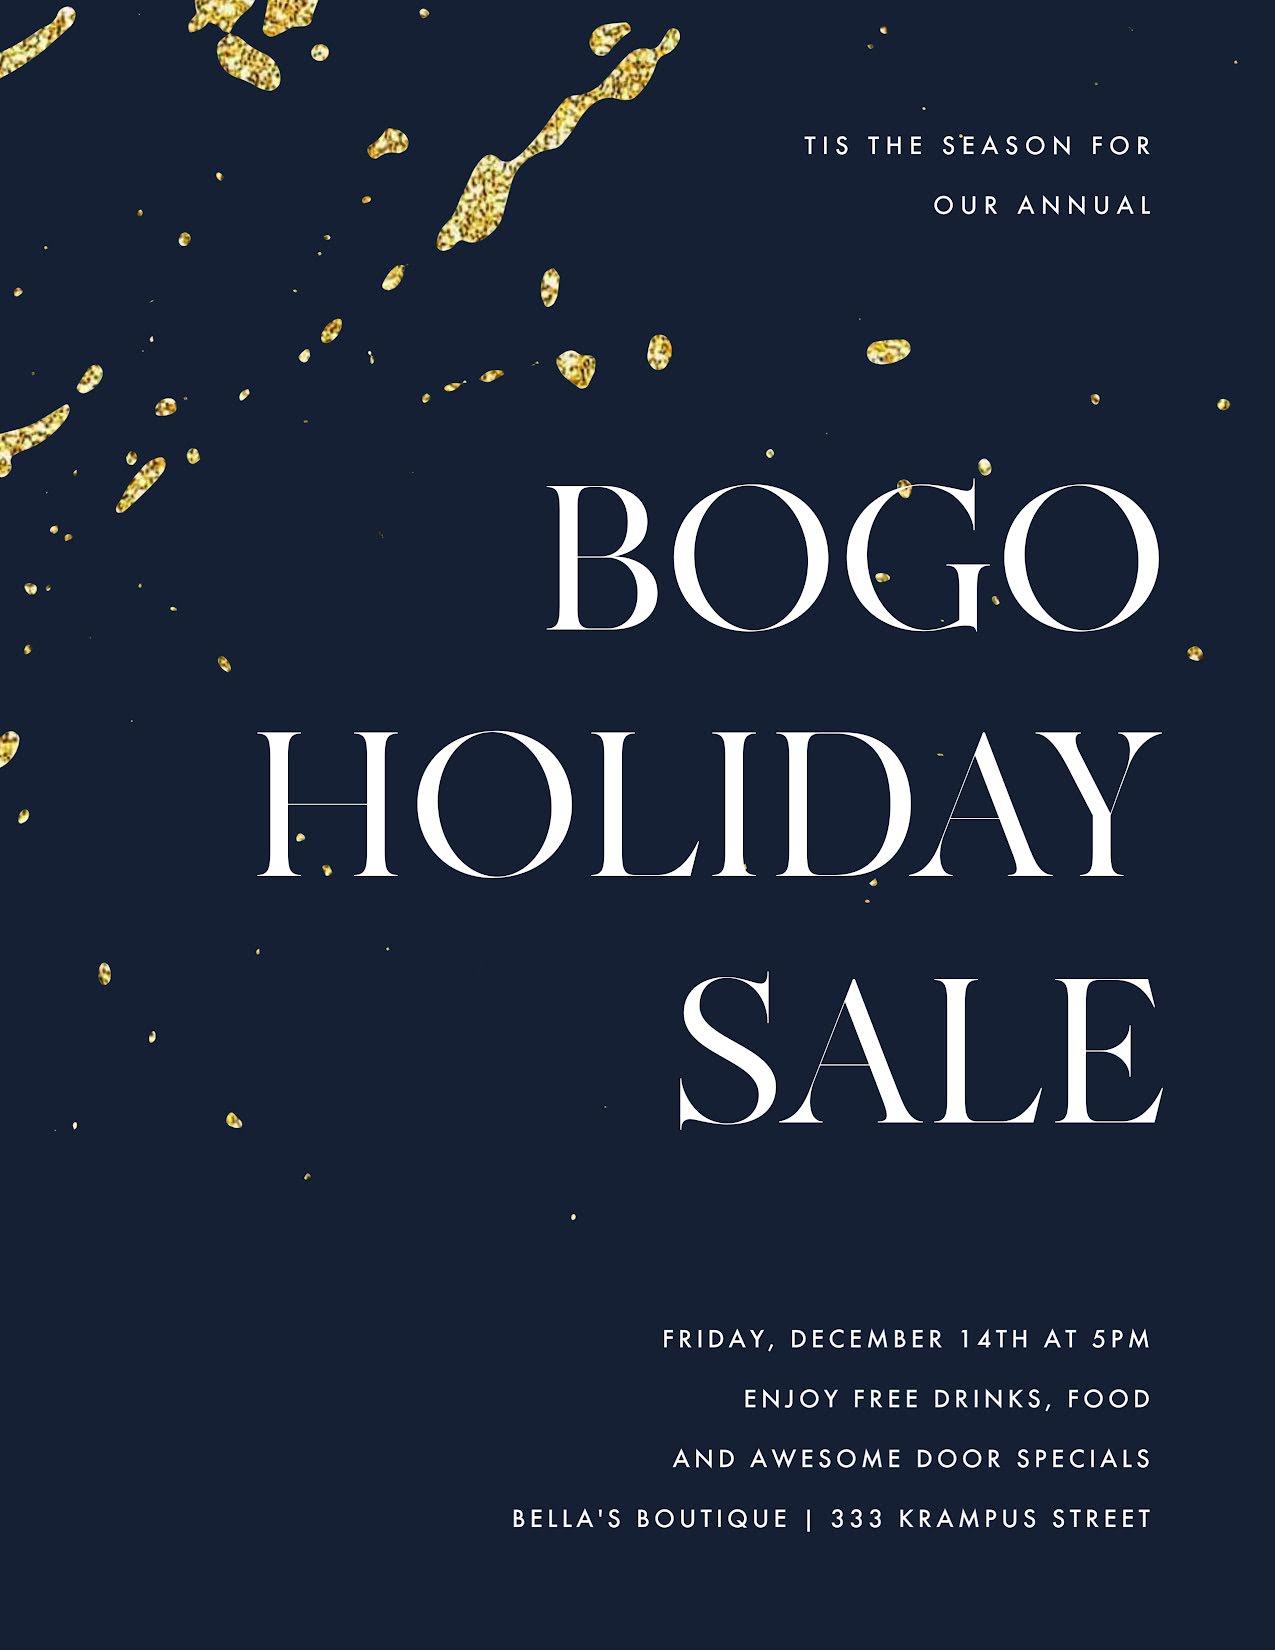 BOGO Holiday Sale - Flyer Template